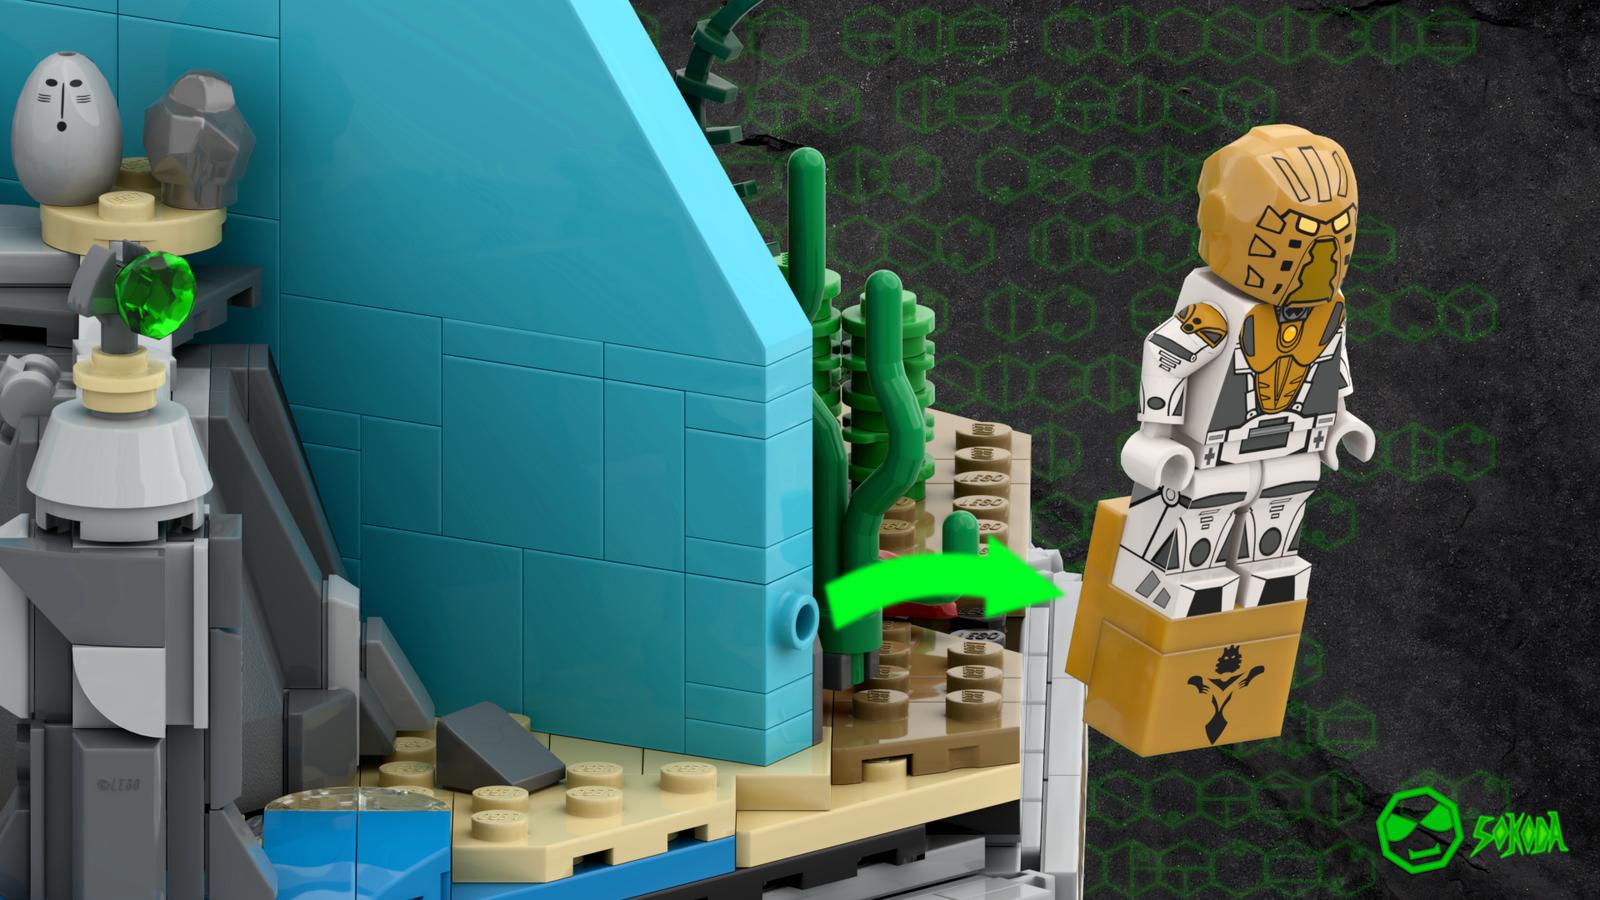 """""""La légende de BIONICLE : 20 ans d'histoires LEGO"""" atteint les 10 000 votes Resize:1600:900"""